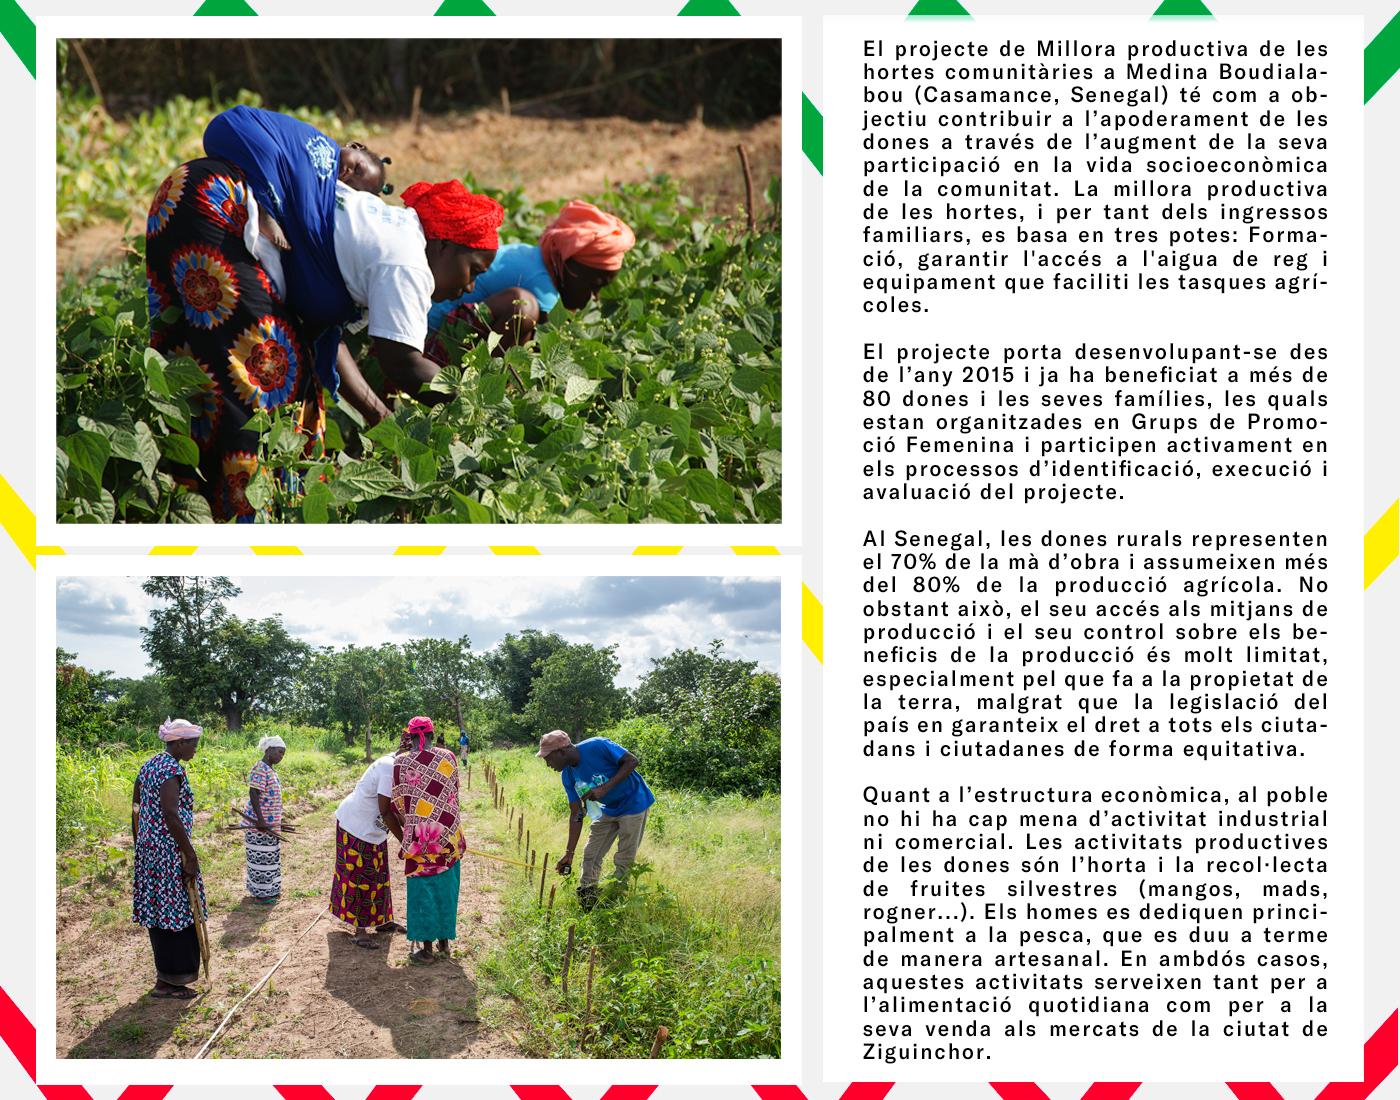 Projecte de Millora productiva de les hortes comunitàries a Medina Boudialabou